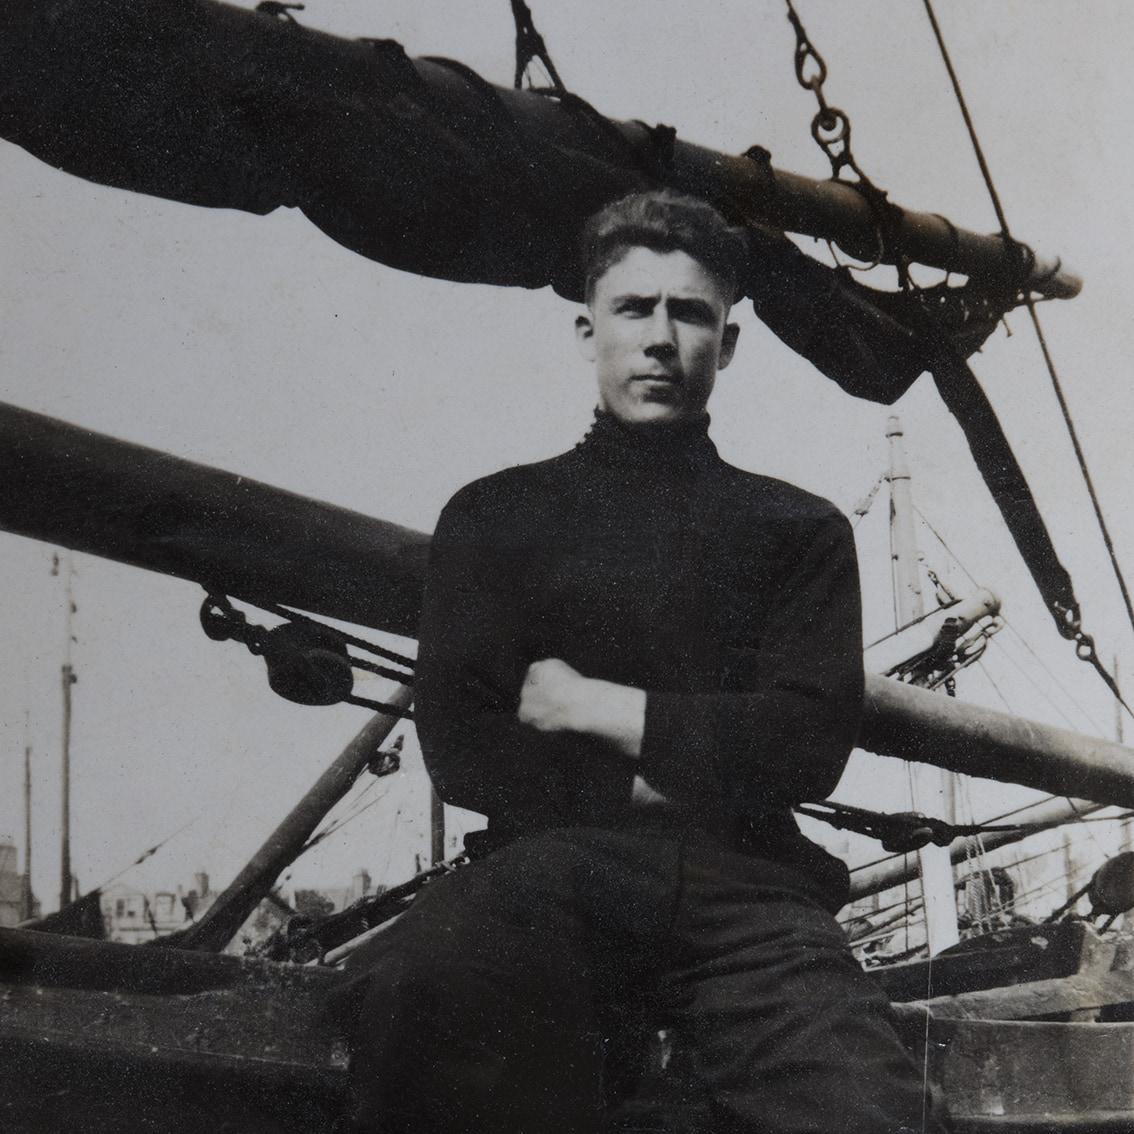 Thomas Matheson wearing a fisher gansey